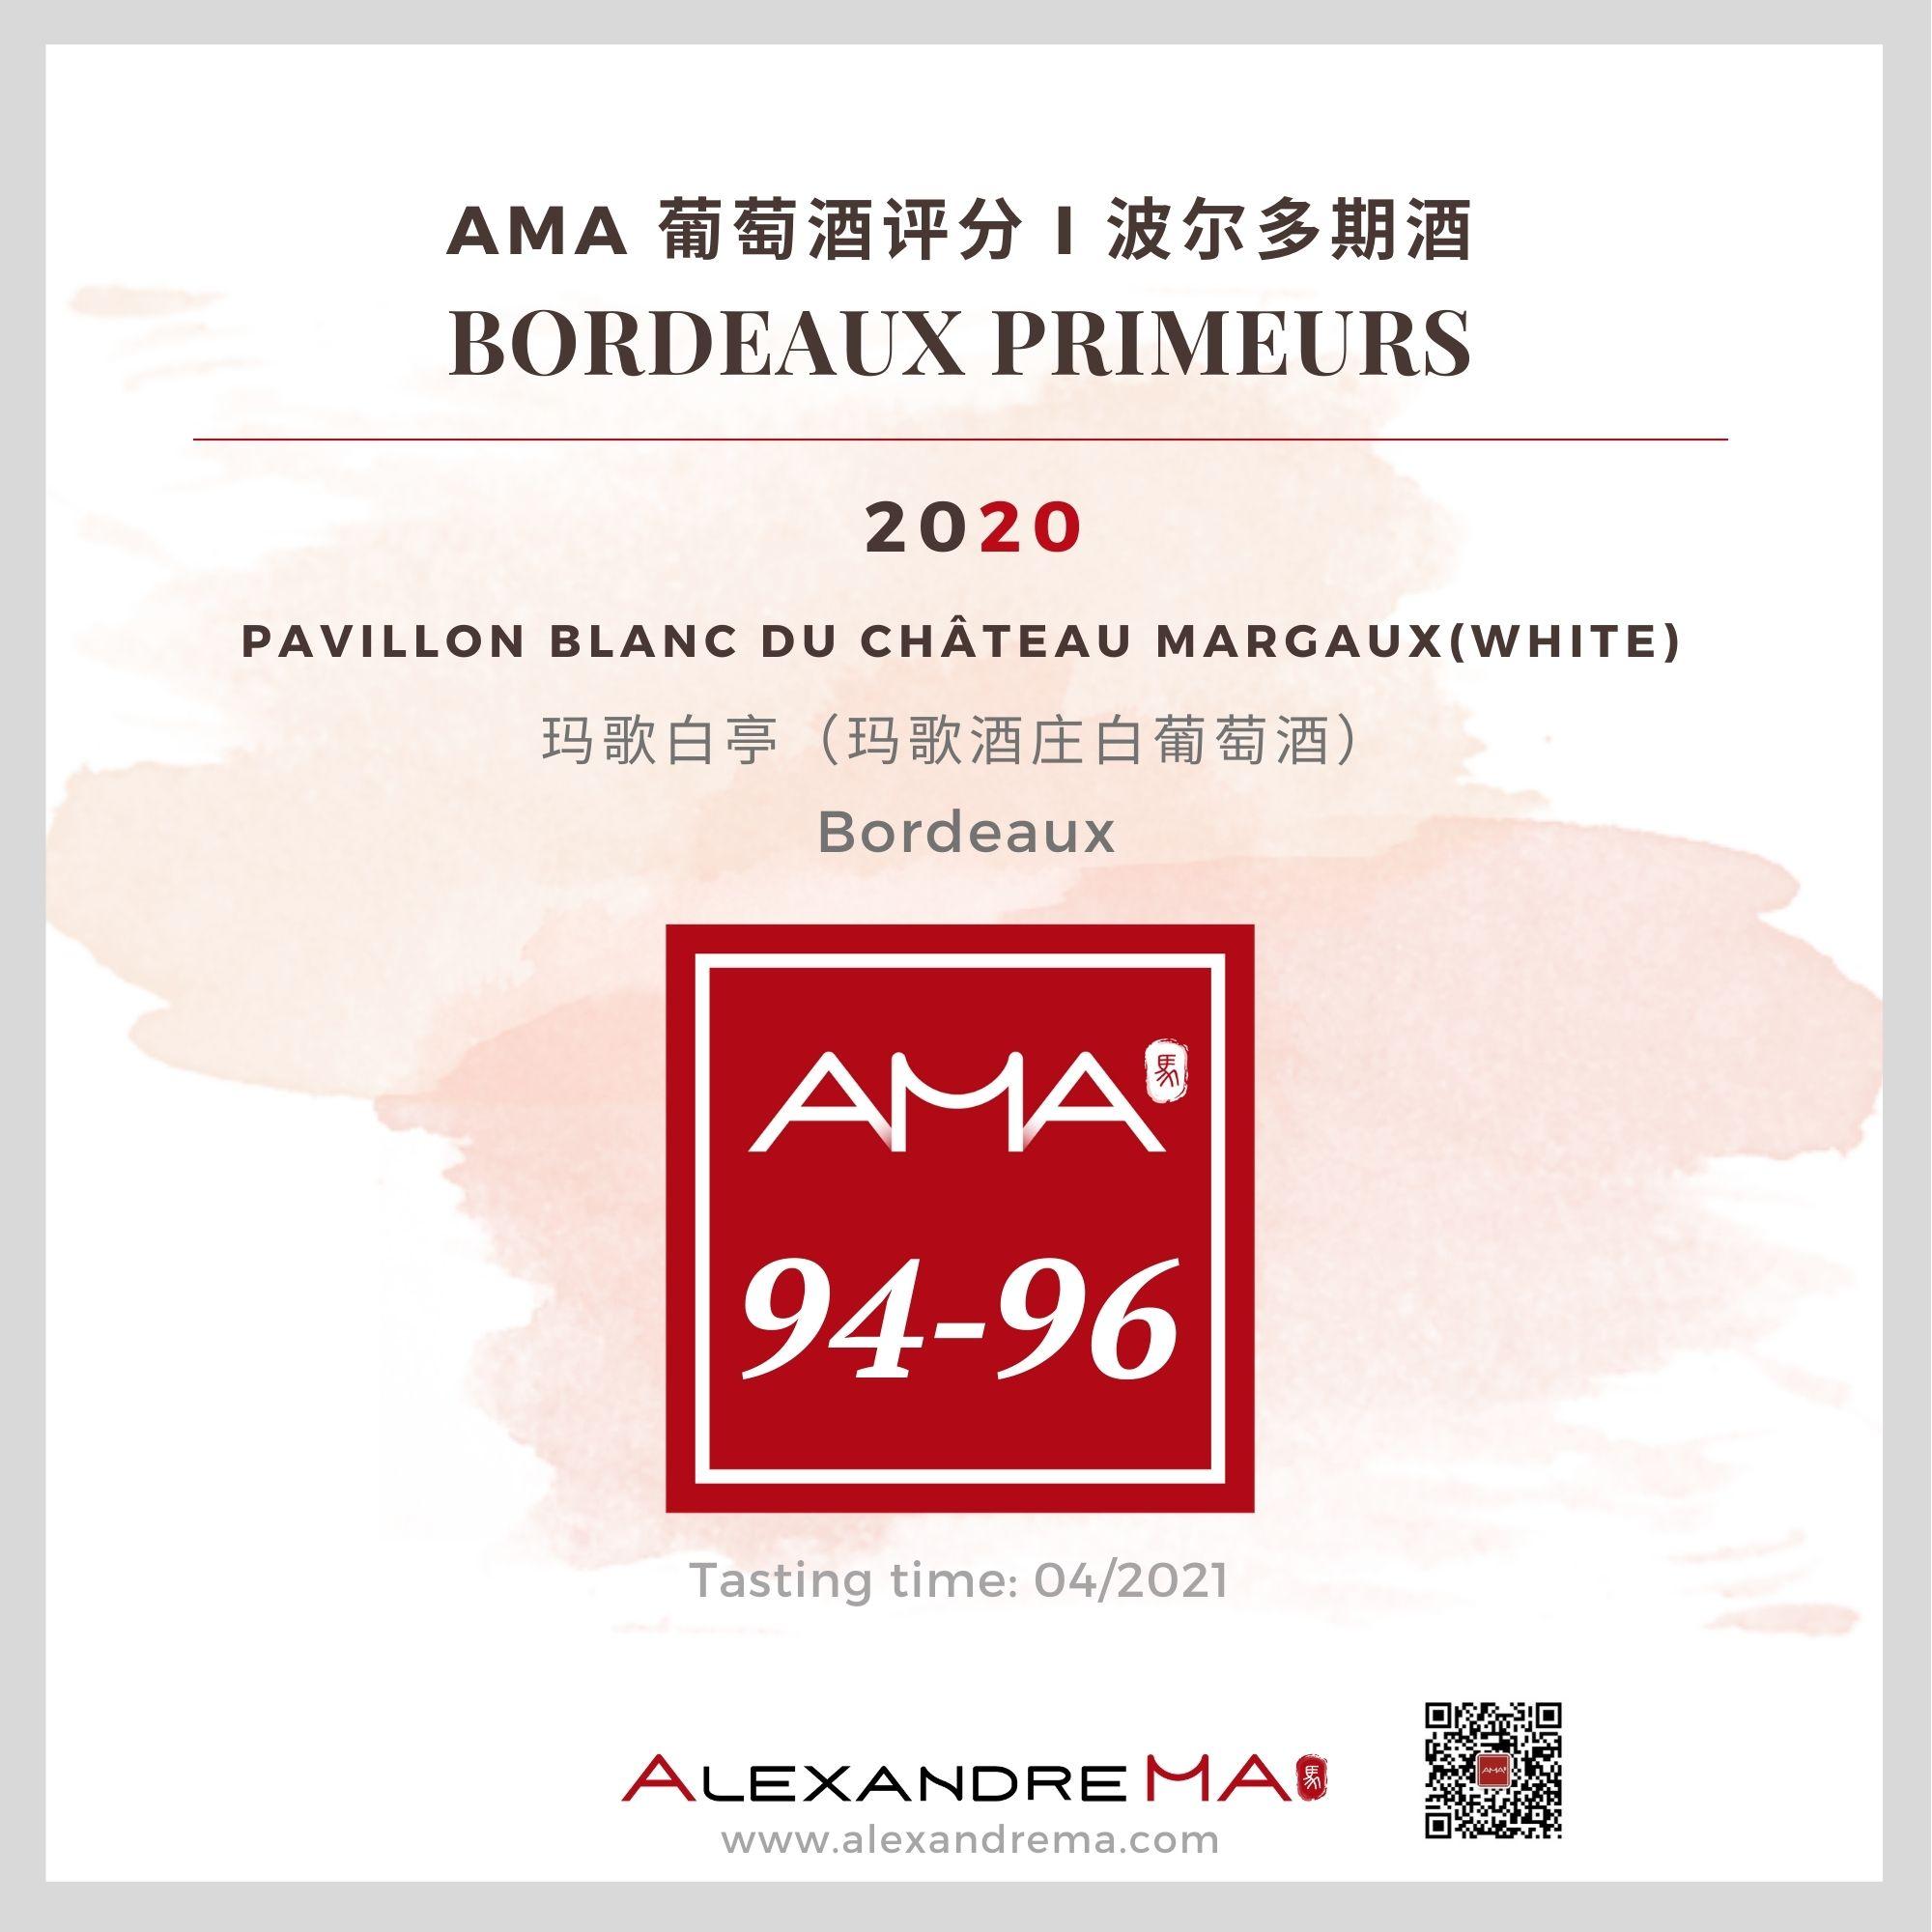 Château Margaux Pavillon Blanc du Château Margaux 2020 - Alexandre MA